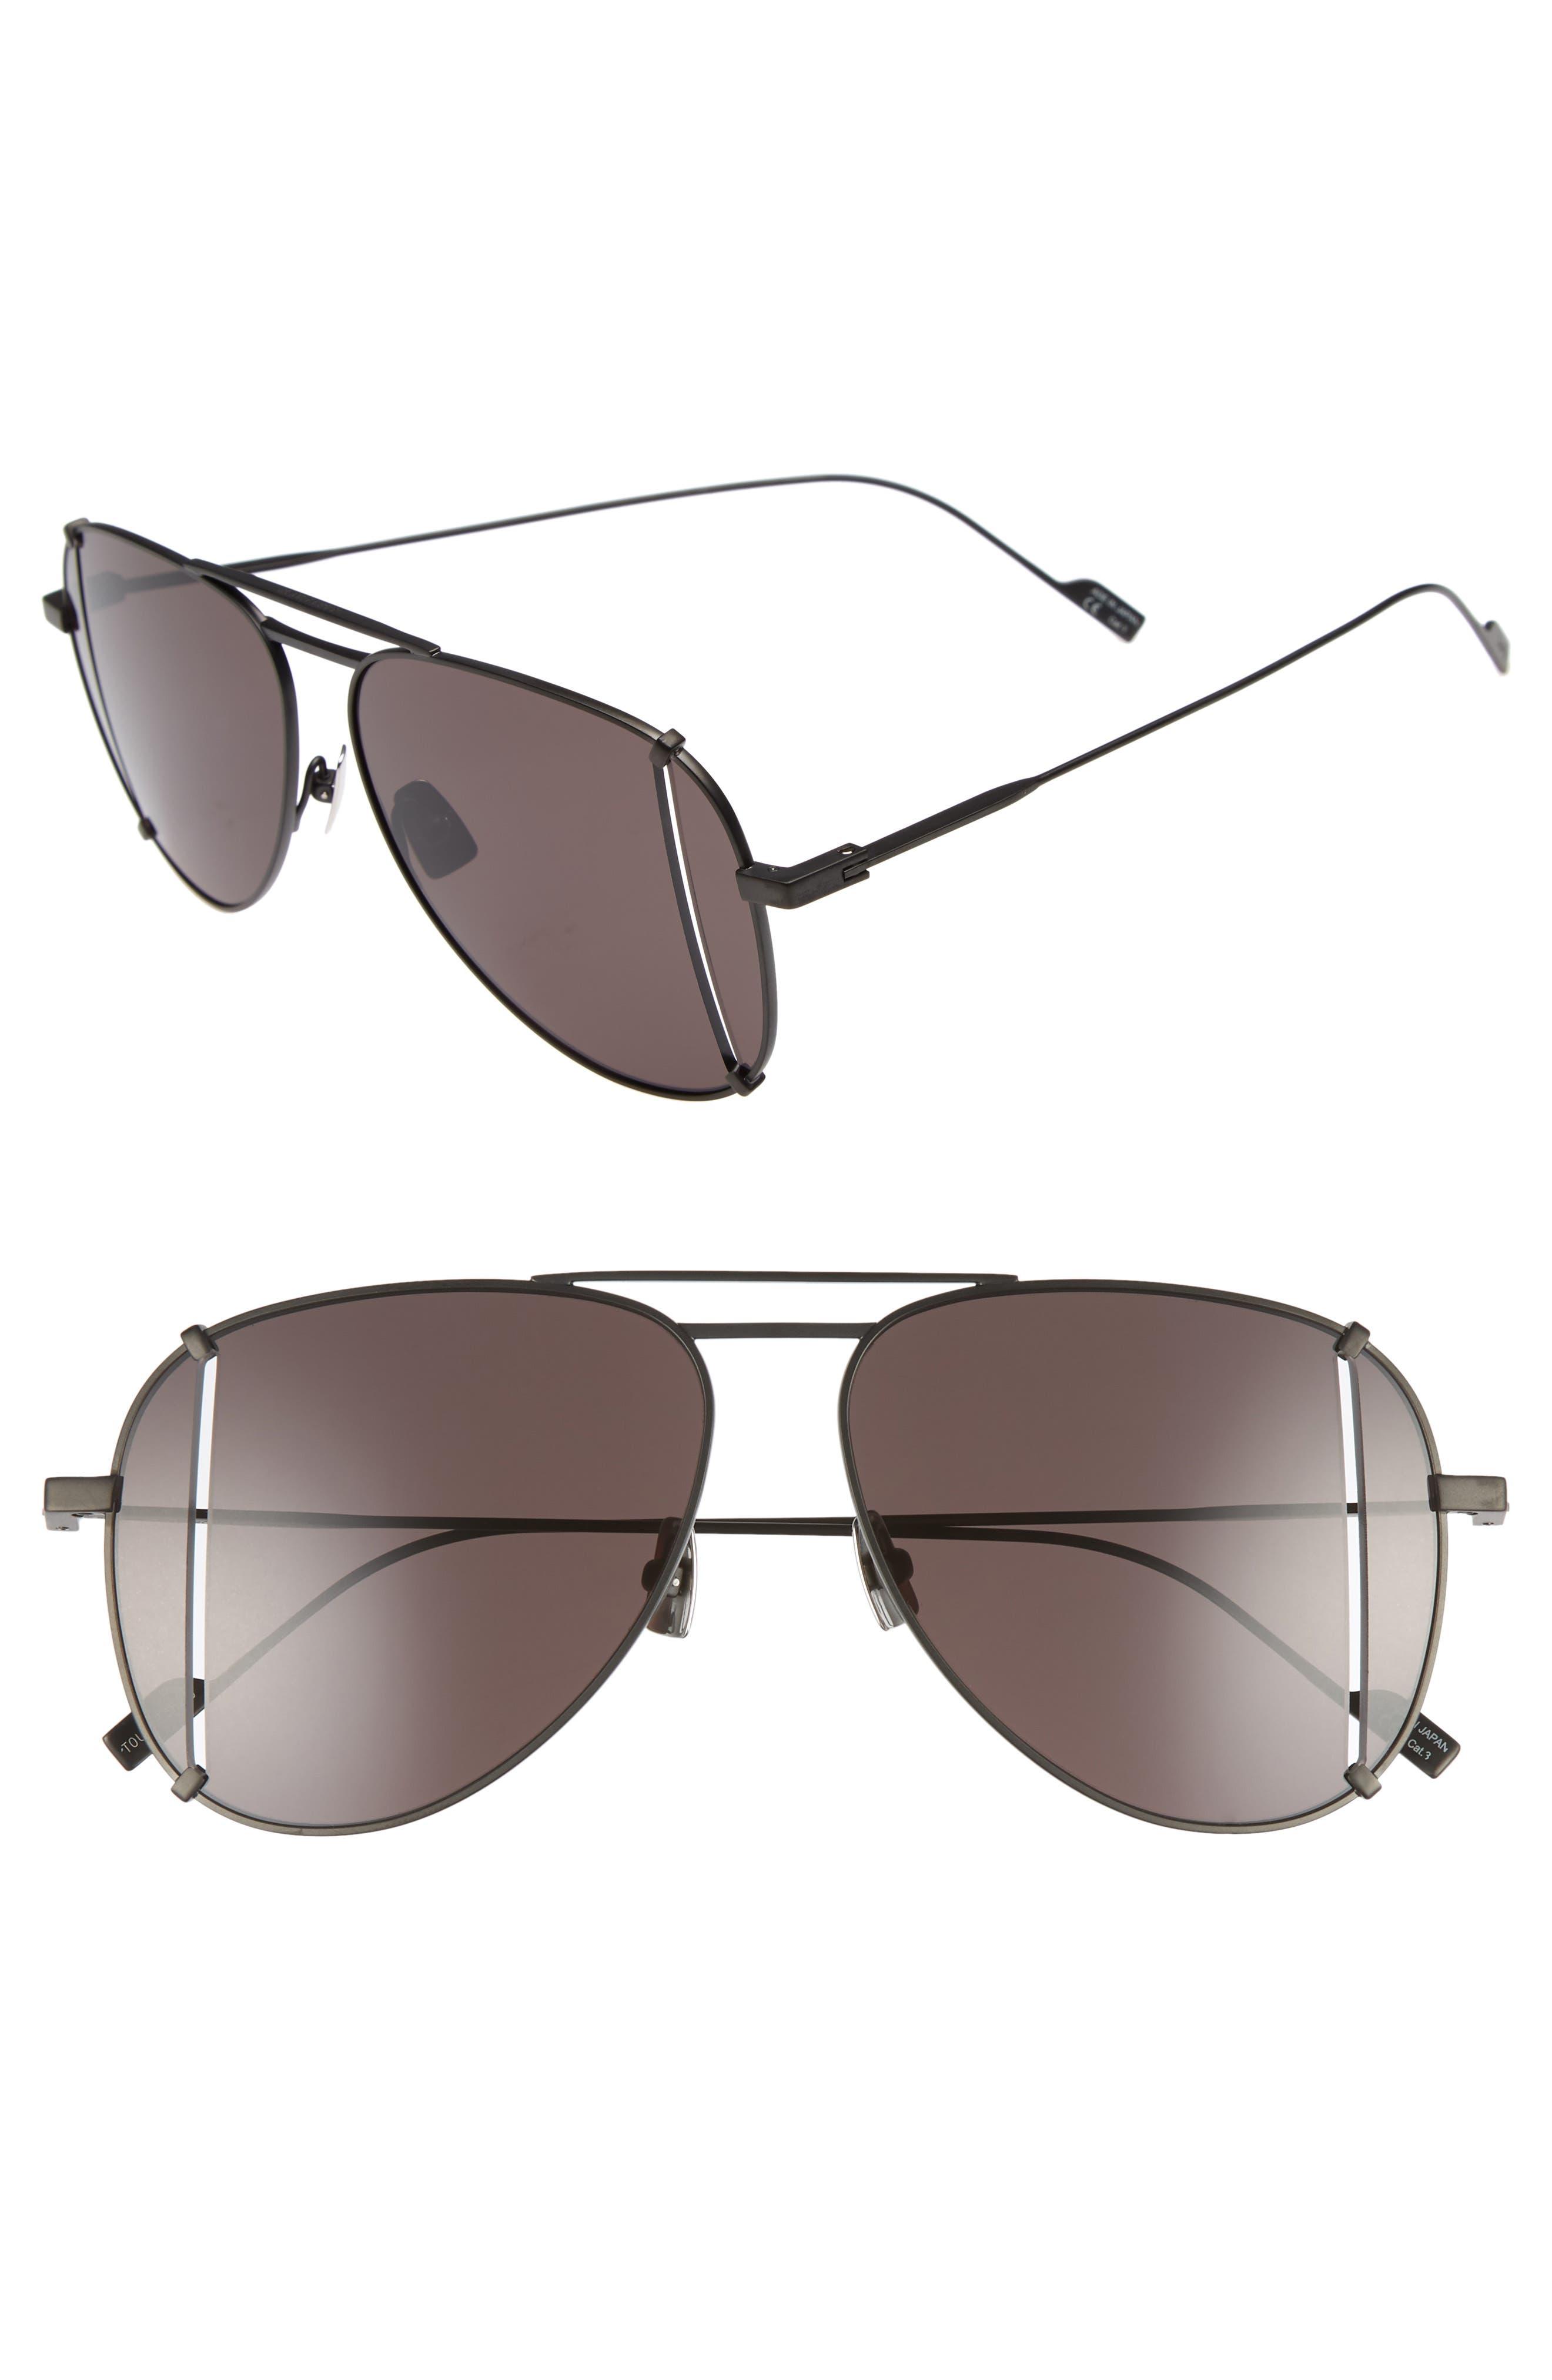 Saint Laurent 59mm T-Cut Aviator Sunglasses